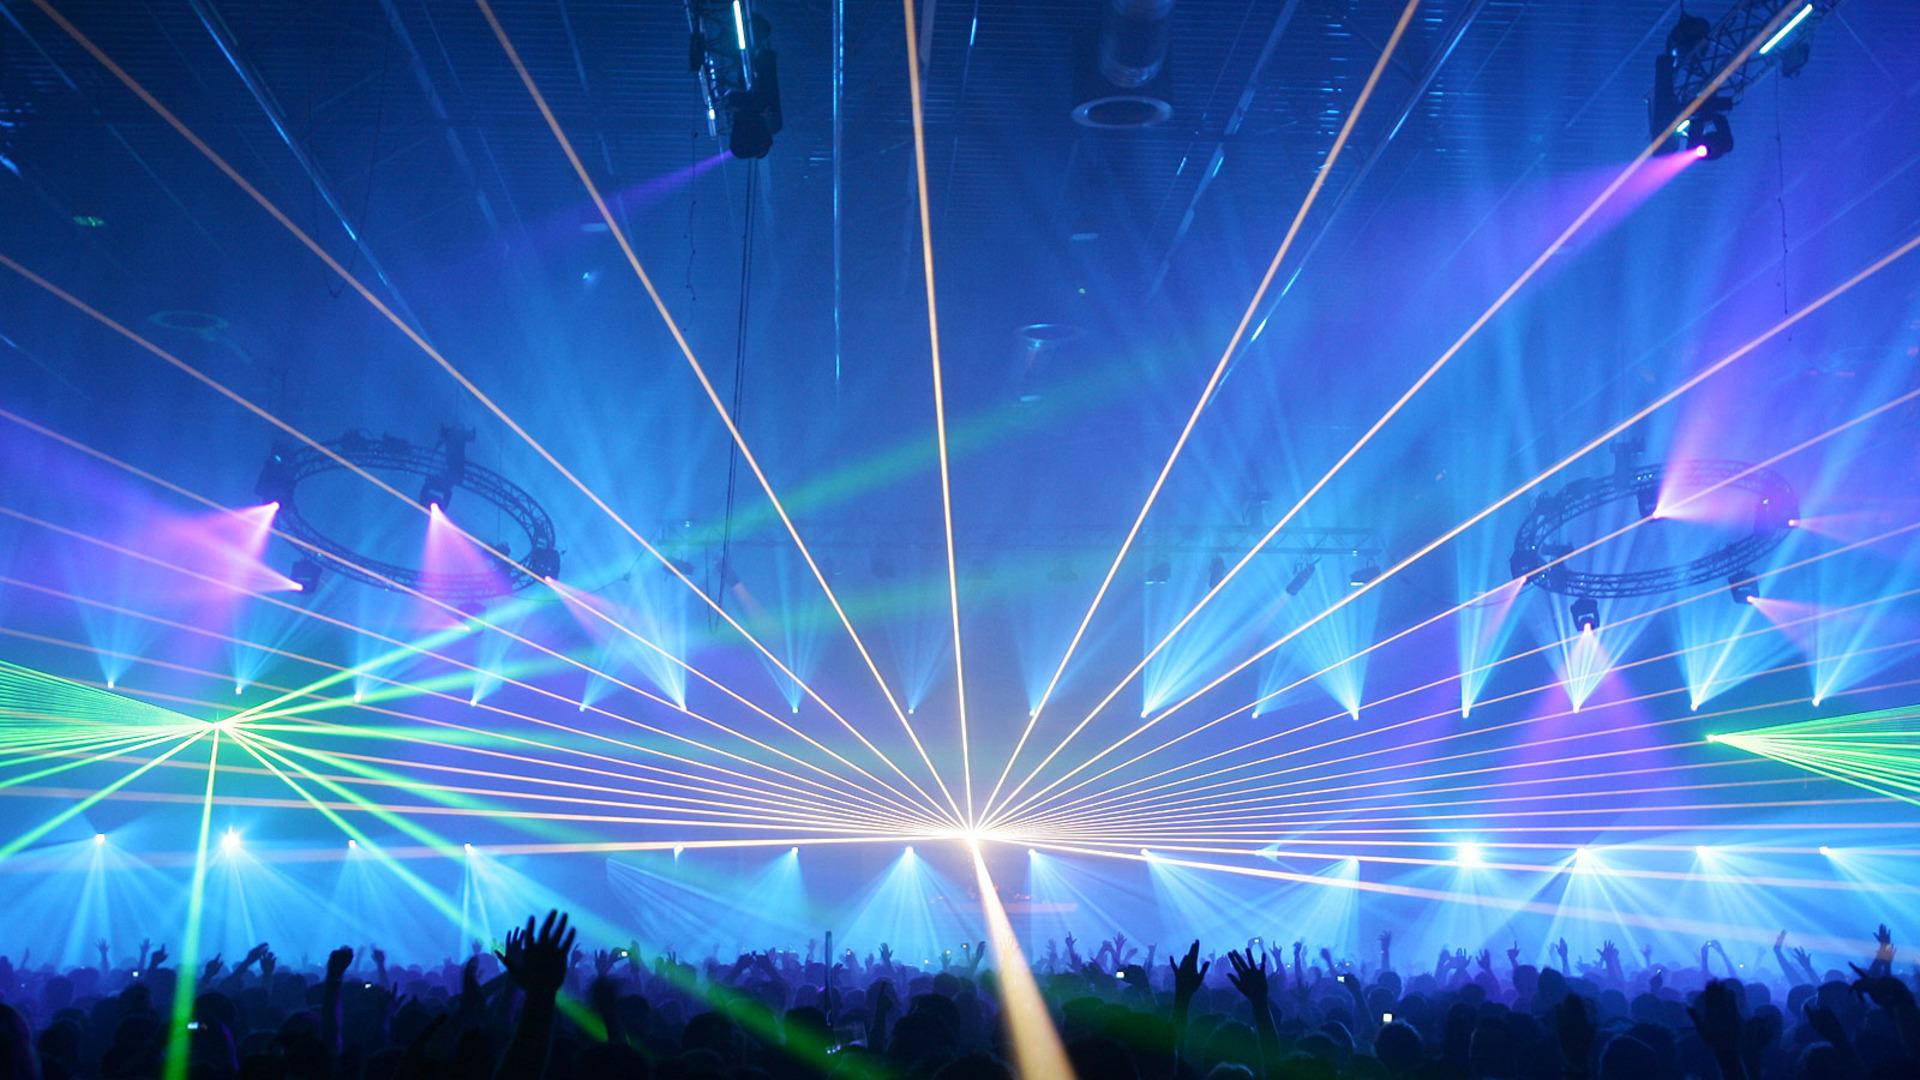 Good Wallpaper Music Party - 73a9fdb4ef75e7e2b12ec71e4a4a3aeac7175957  HD_83641.jpg